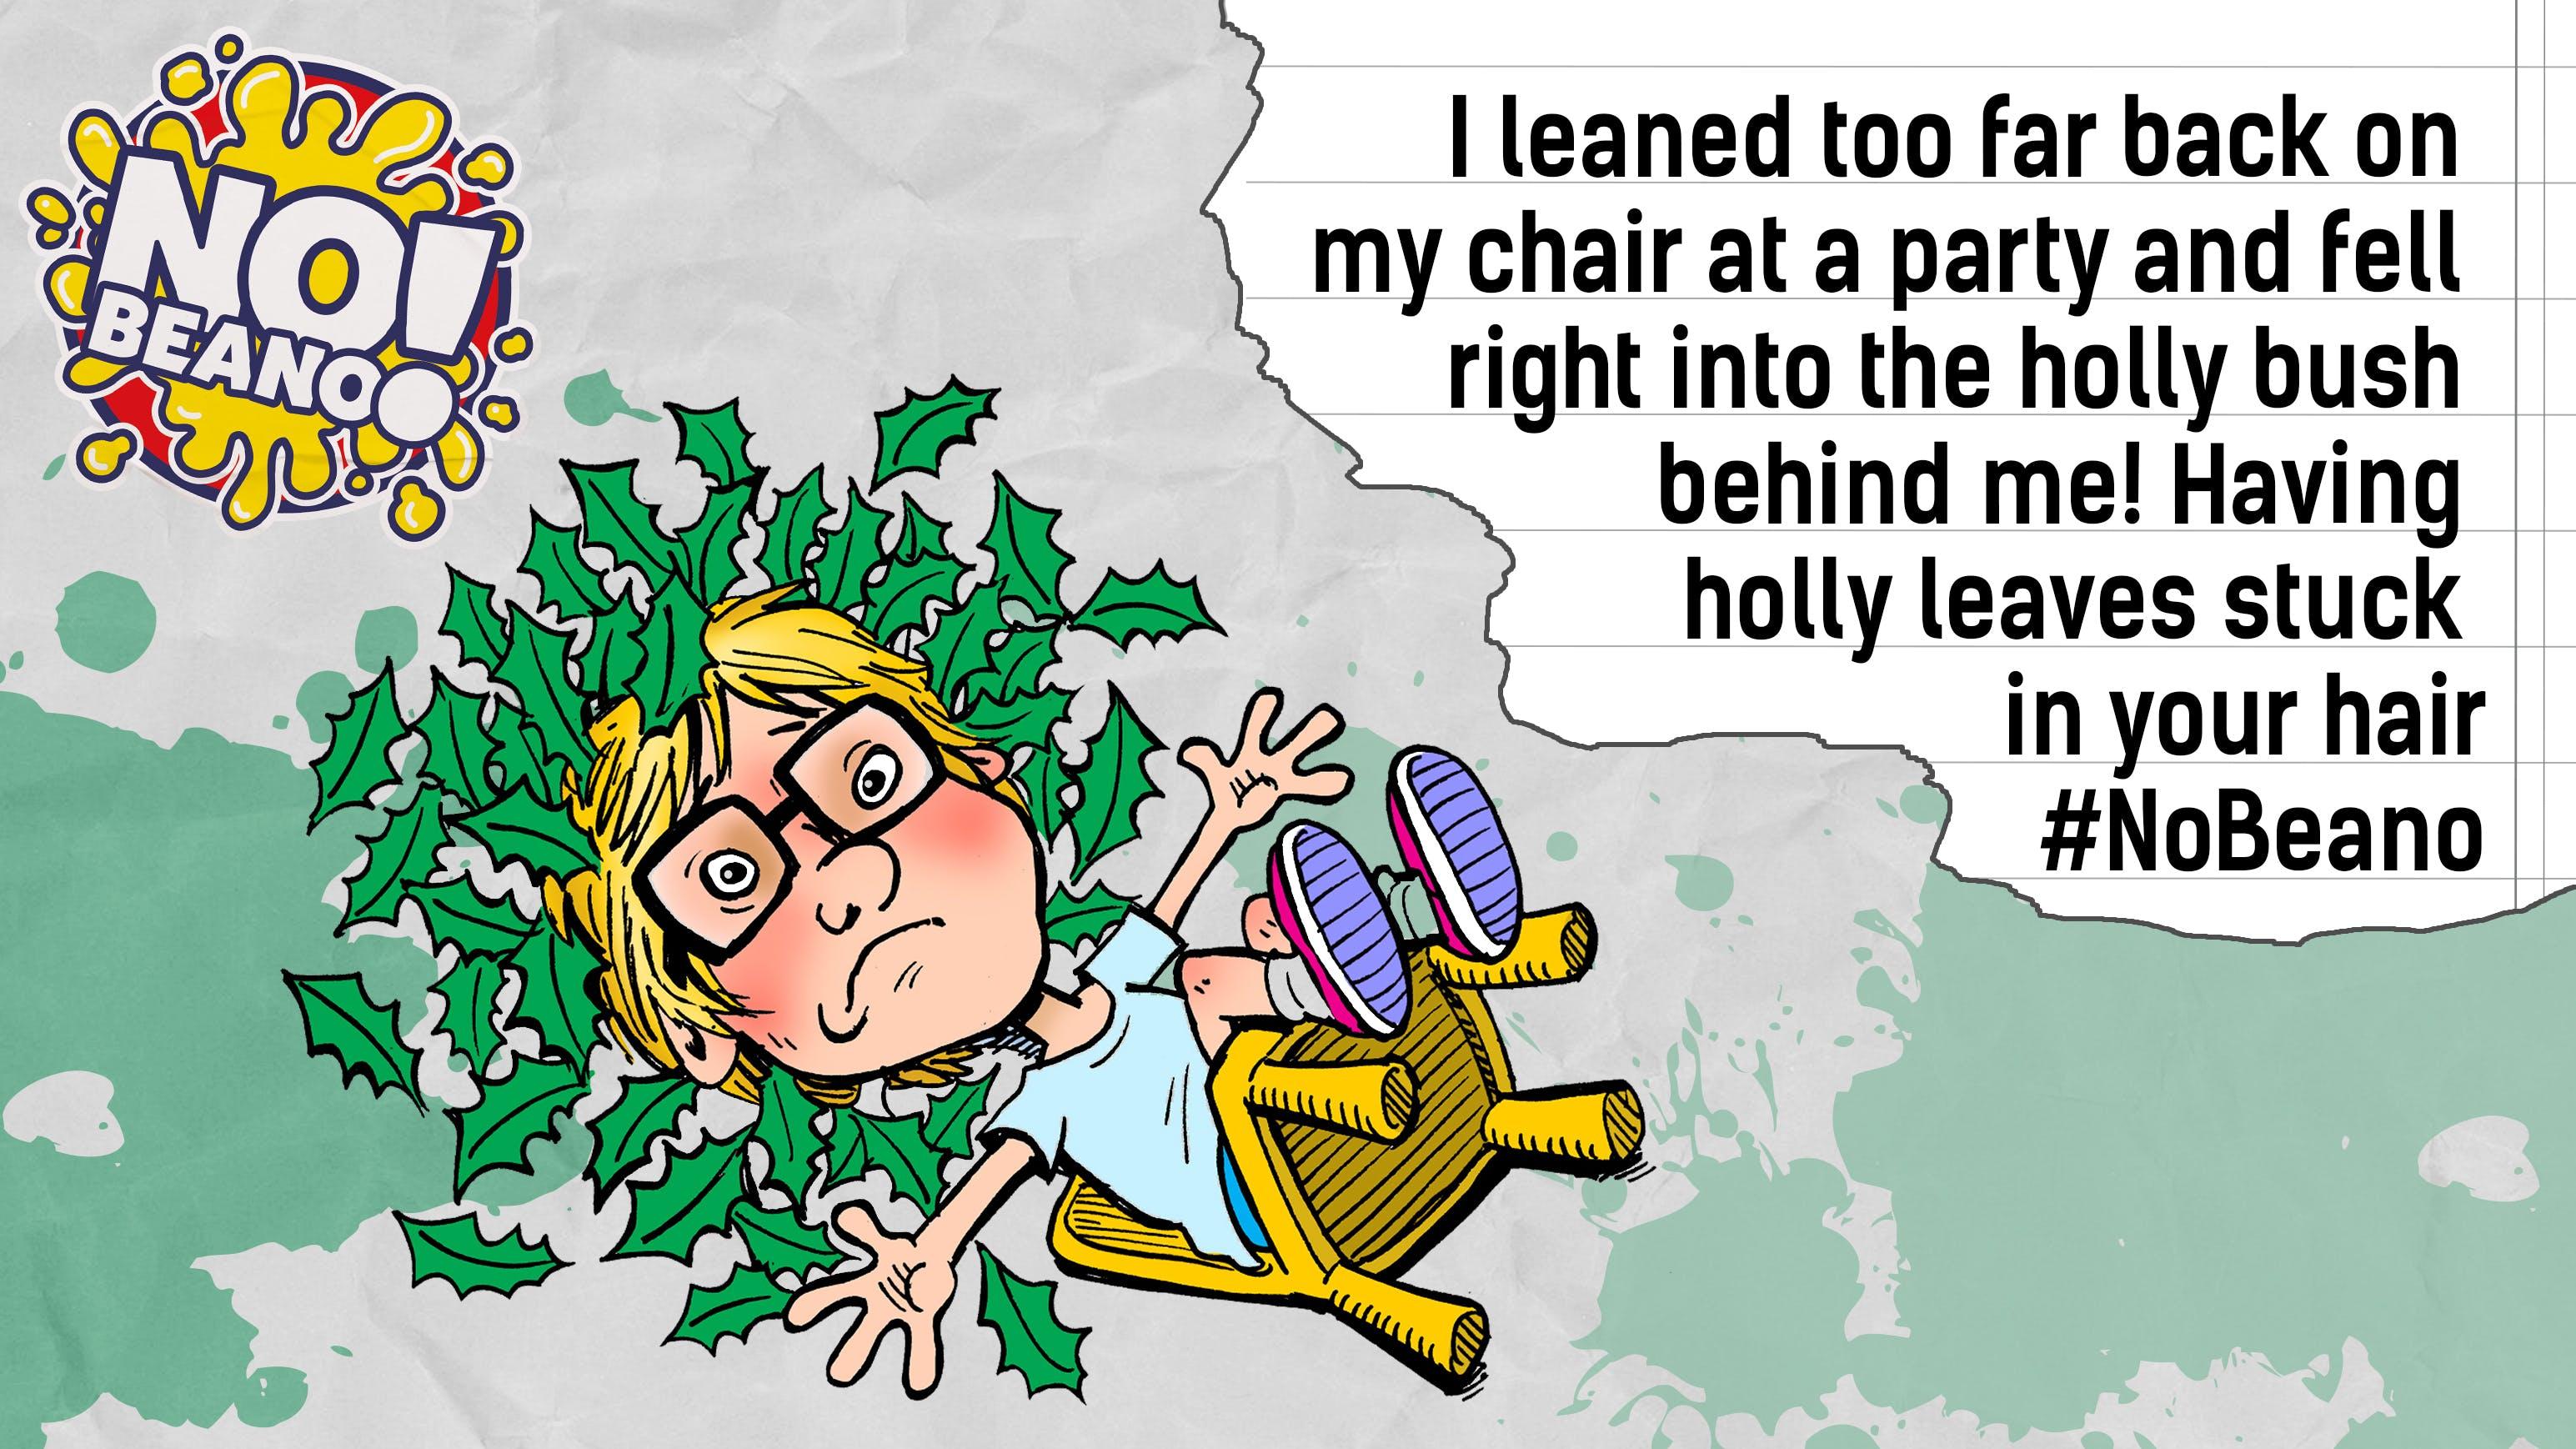 Chair fails!